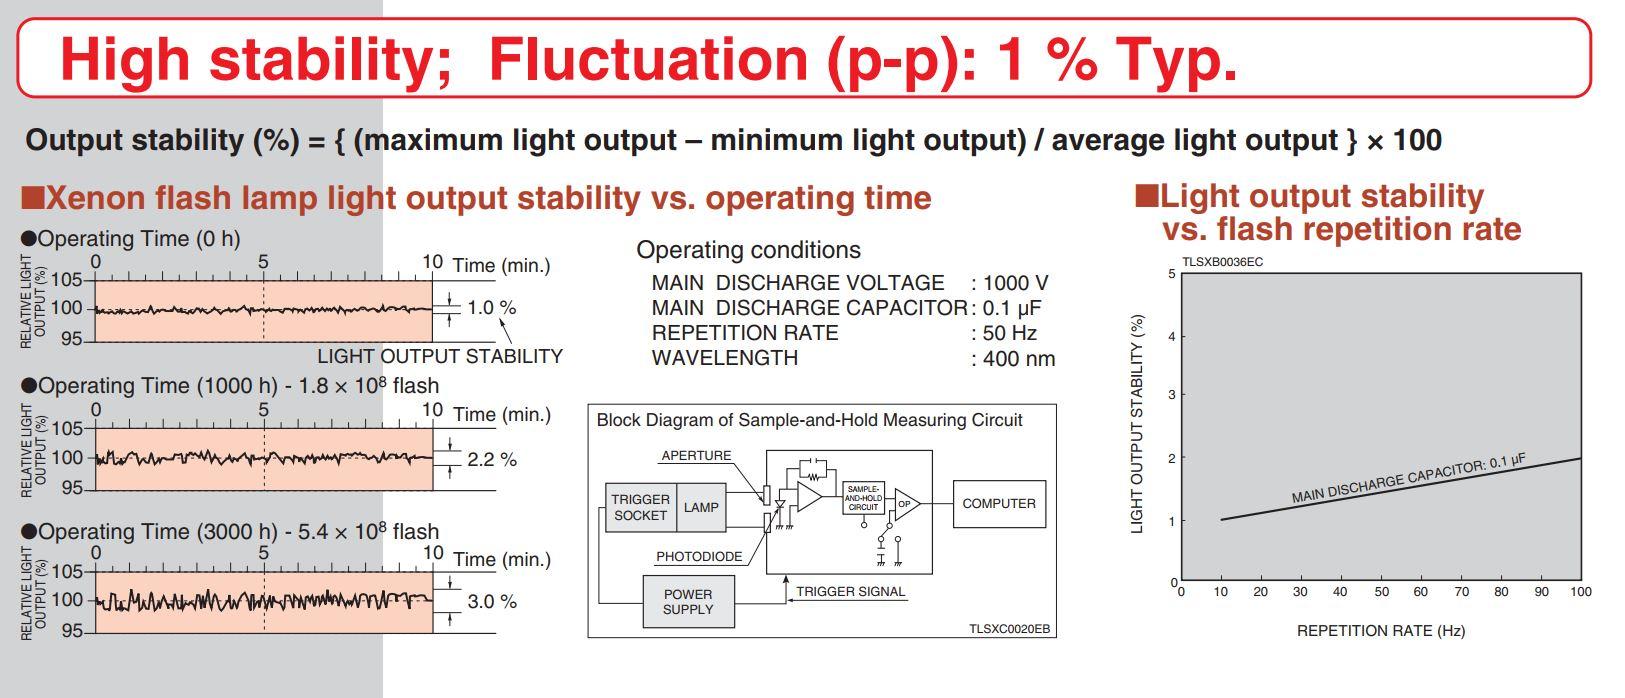 hamamatsu-10w-xenon-flash-lamp-charts.jpg